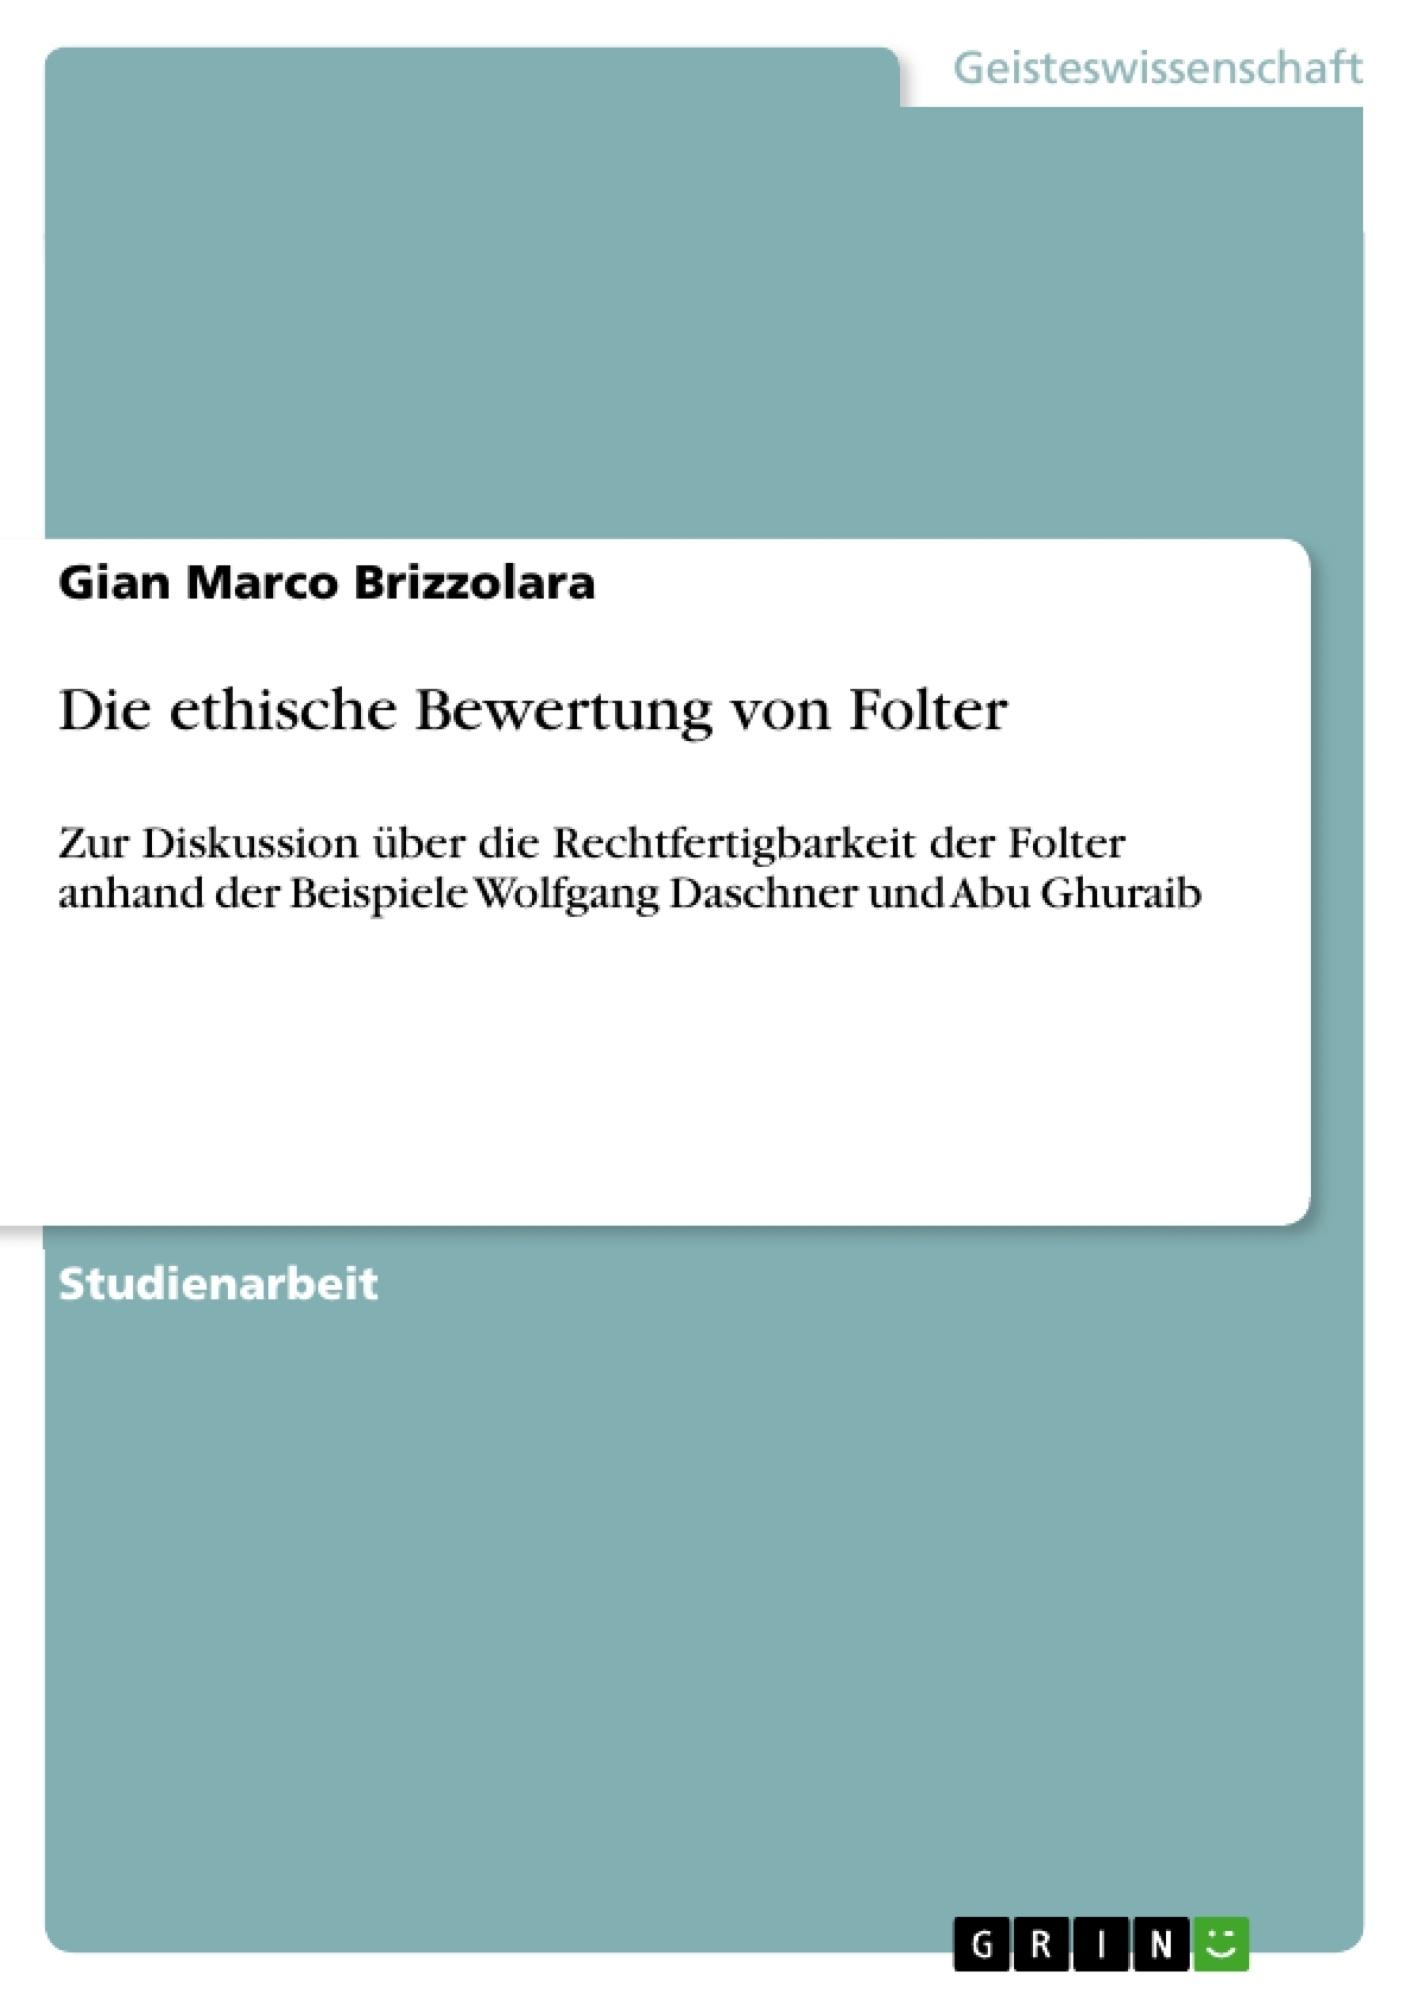 Titel: Die ethische Bewertung von Folter